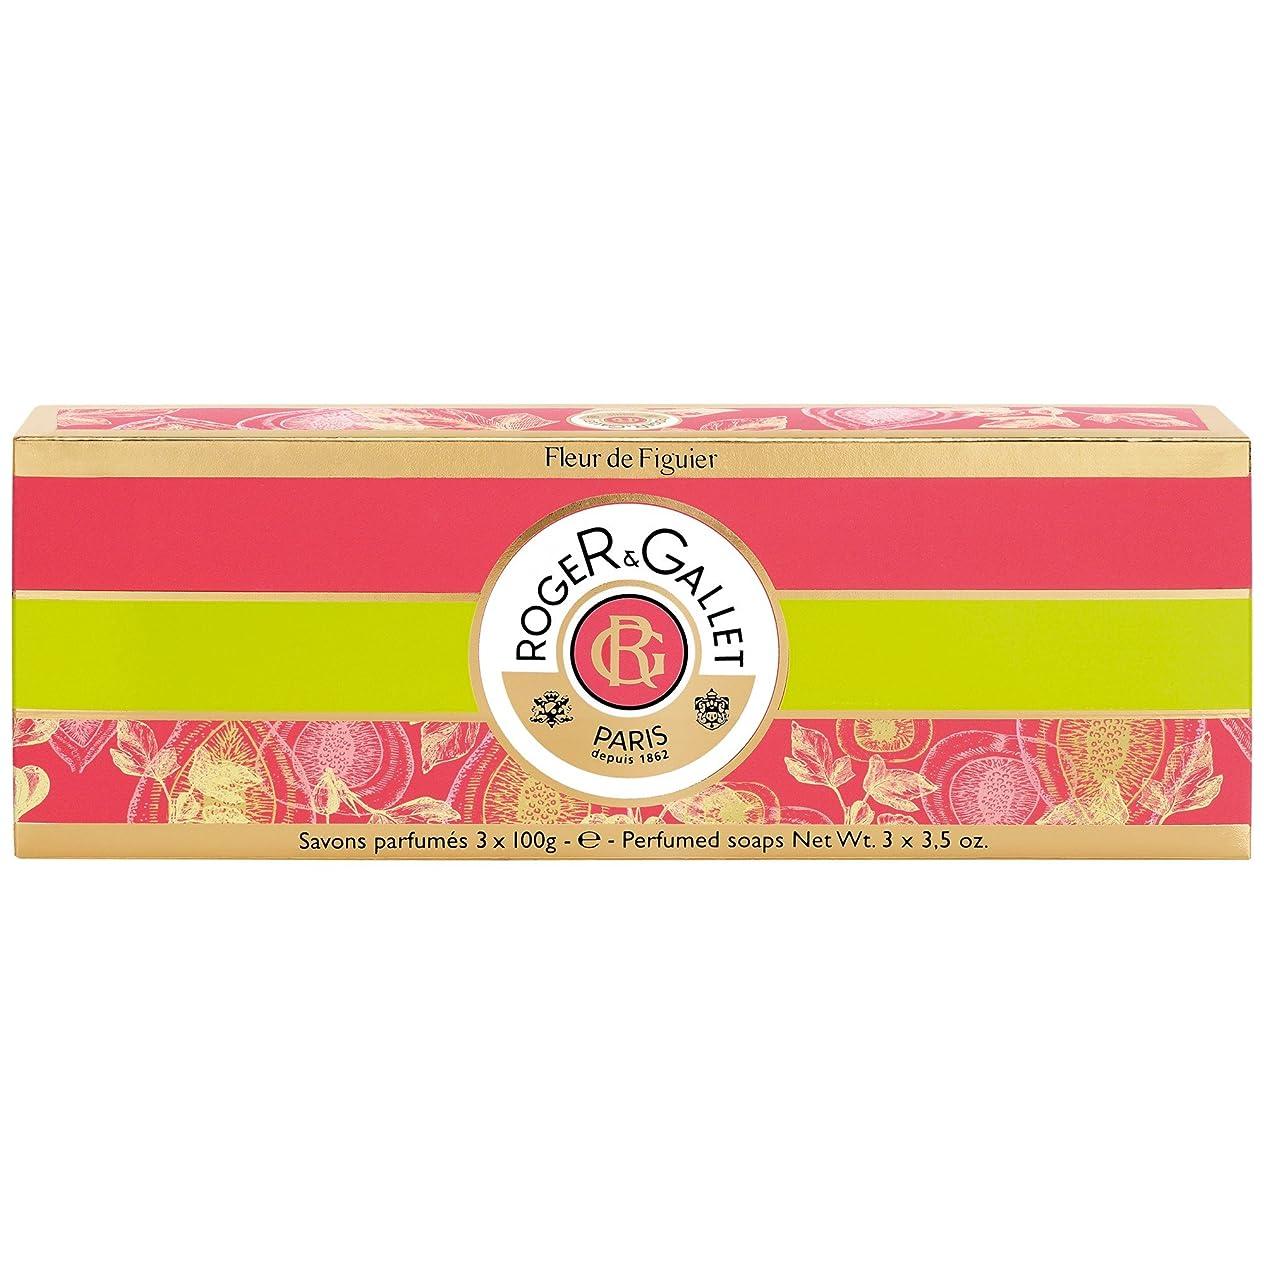 腹痛望み無効ロジャー&Galletのフルール?ド?フィギエソープコフレ3×100グラム (Roger & Gallet) (x2) - Roger & Gallet Fleur de Figuier Soap Coffret 3 x 100g (Pack of 2) [並行輸入品]